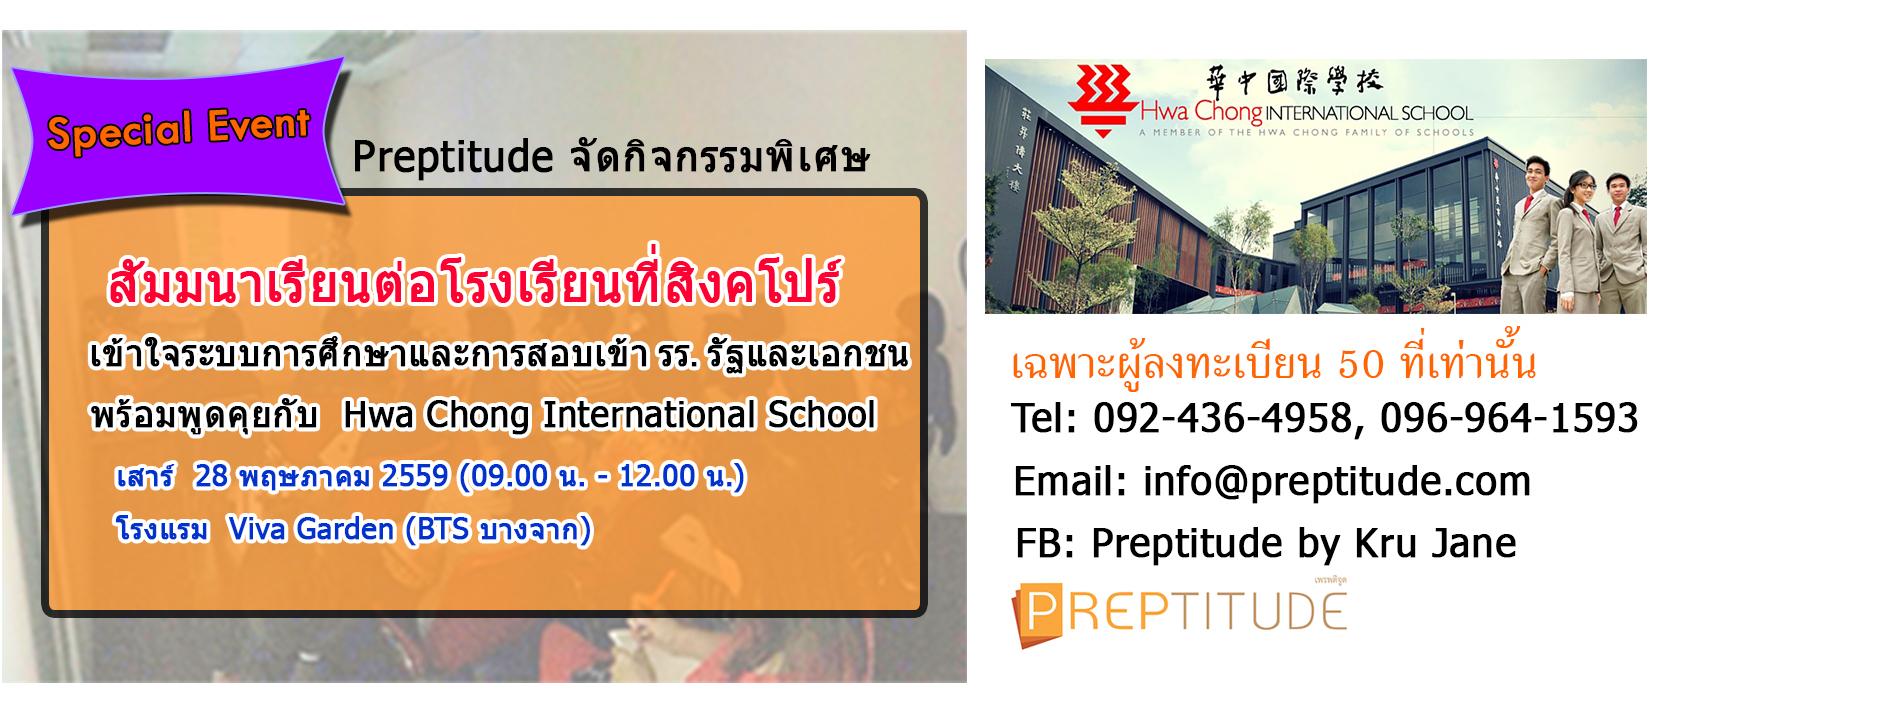 สัมมนาการศึกษาสิงคโปร์ 28 พ.ค. 59